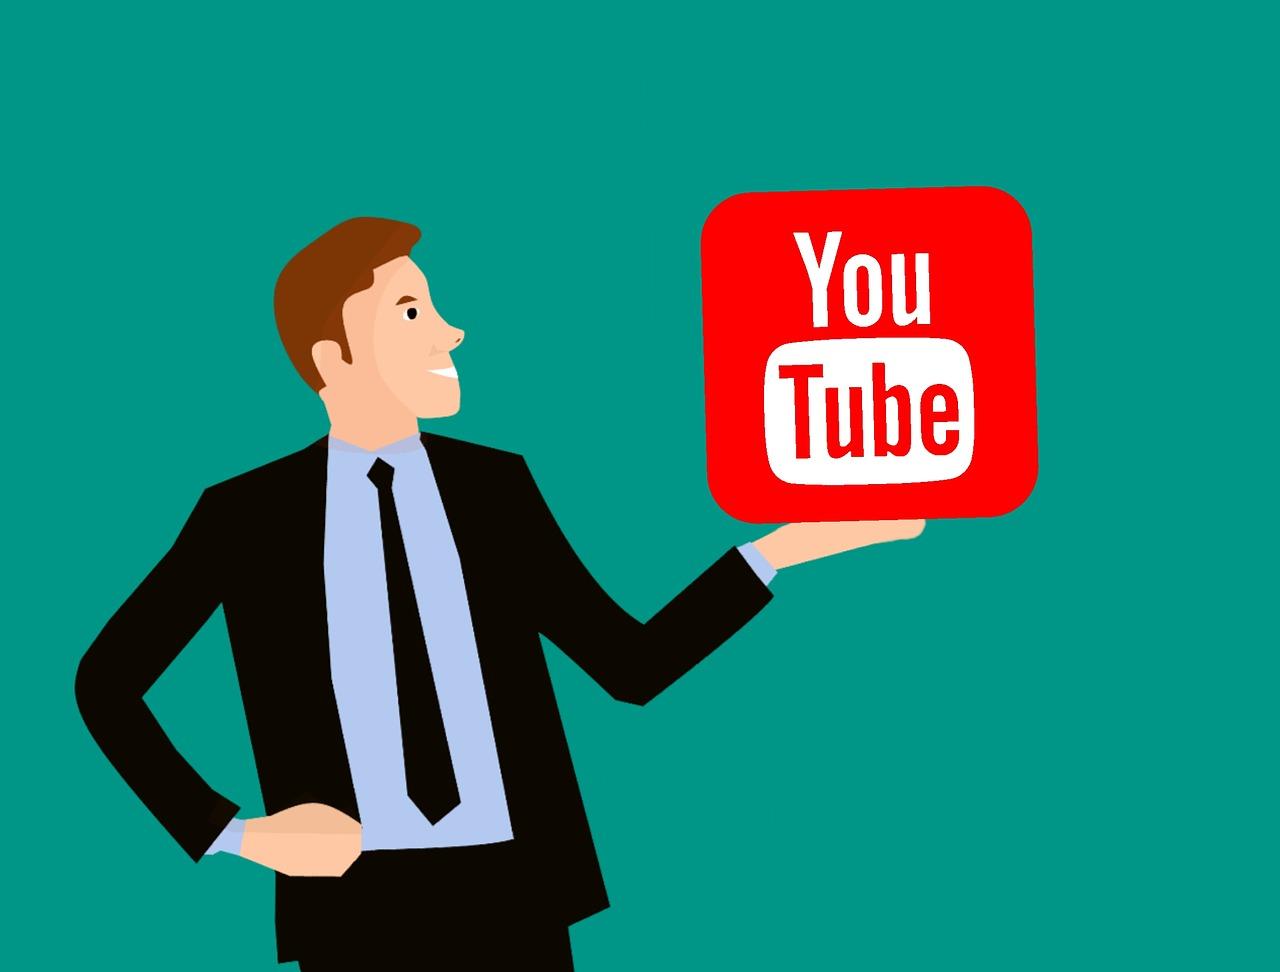 芸能人Youtuberで広告が増える?今後のYoutubeについて徹底解説